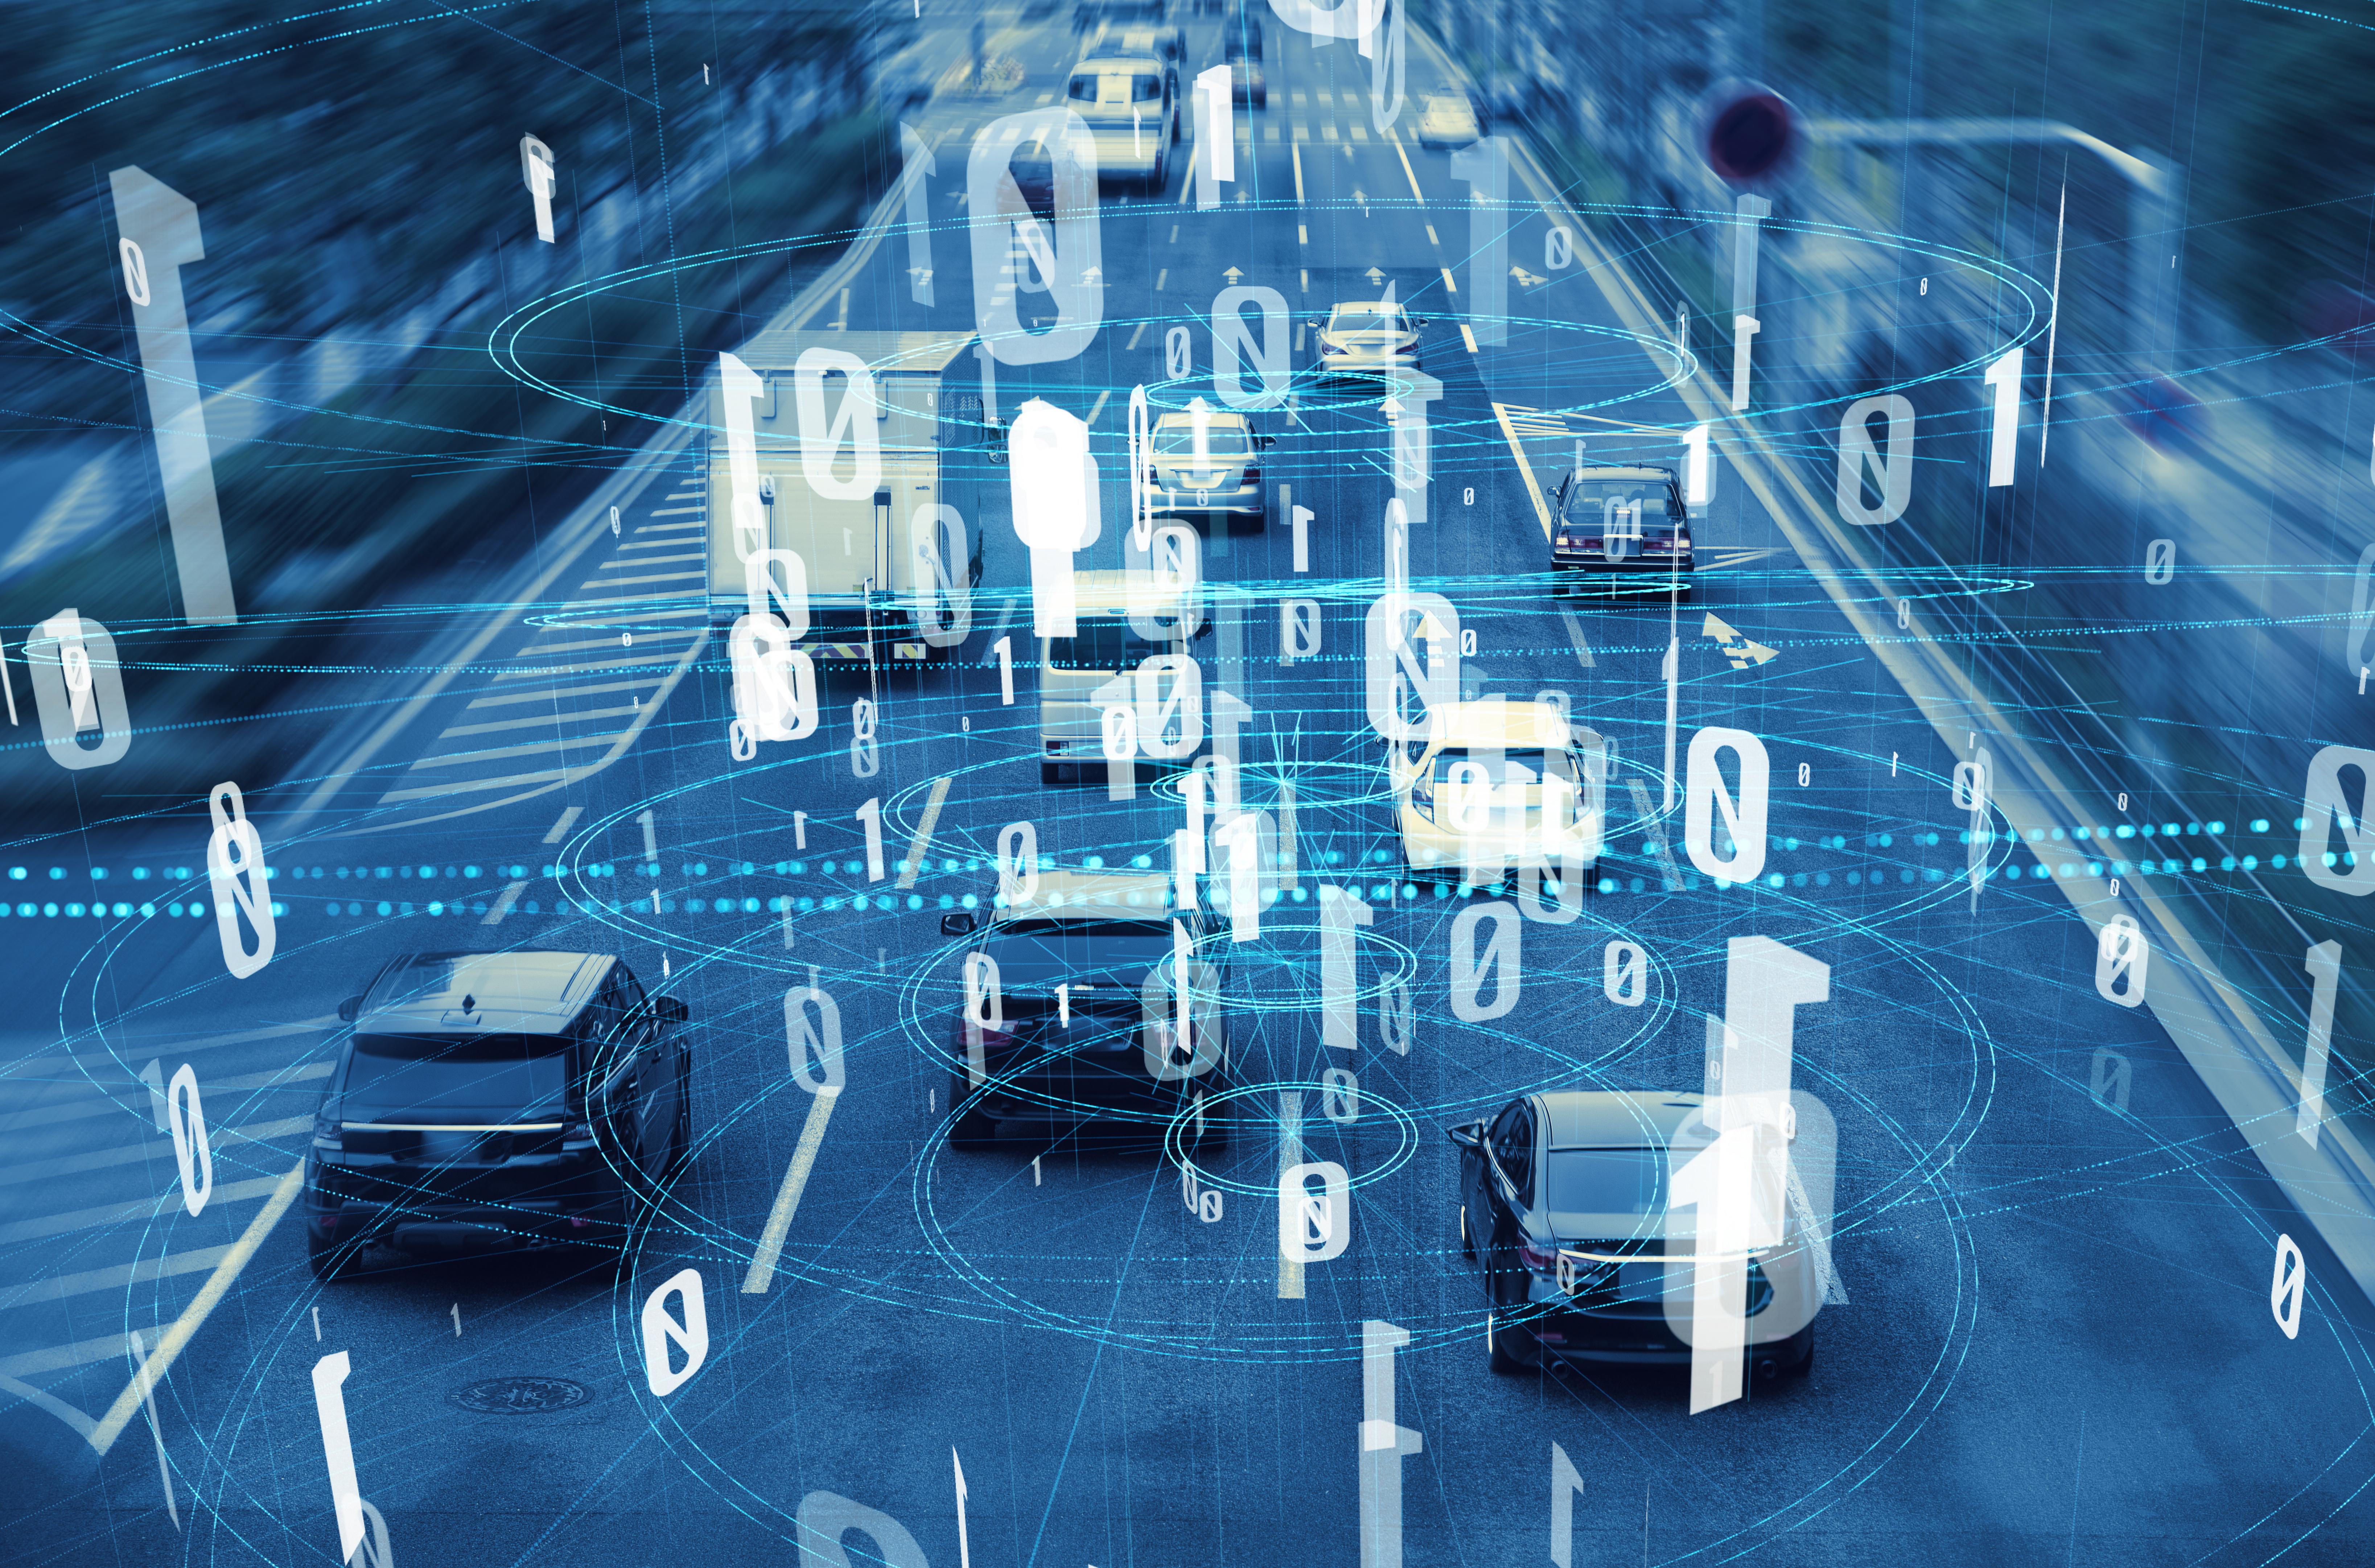 自動運転のレベルUPに欠かせない技術・ダイナミックマップとは何か